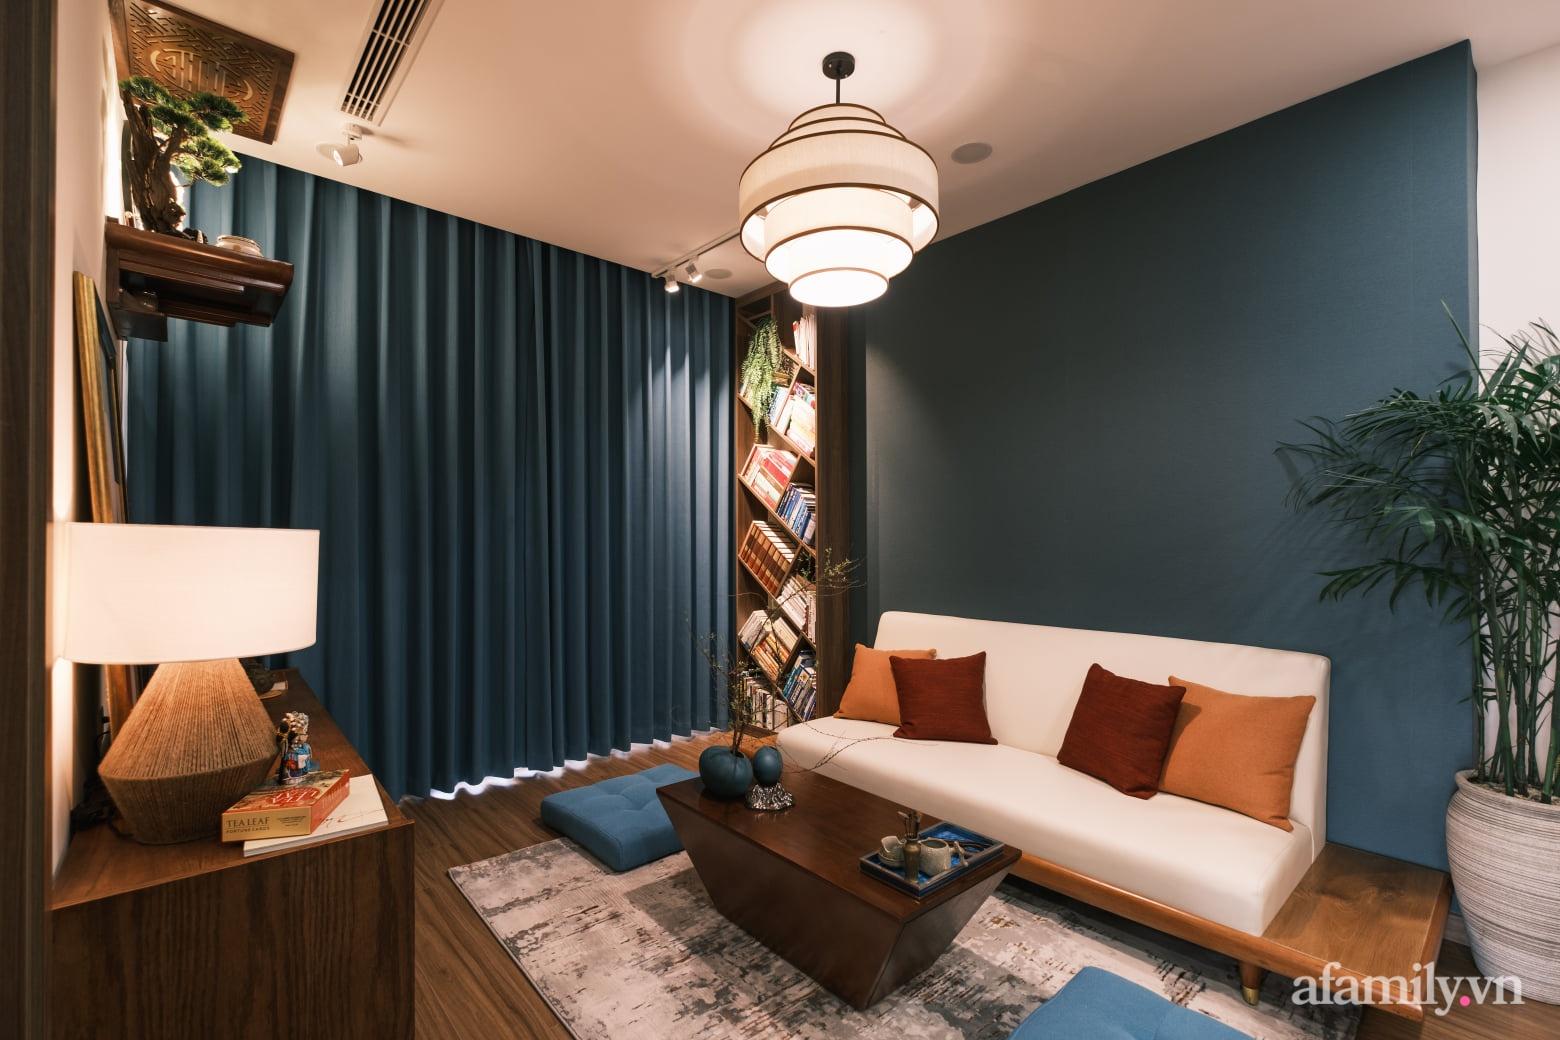 Căn hộ 60m² đẹp tĩnh lặng và tinh tế mang hơi thở của Zen ở quận 7 Sài Gòn - Ảnh 8.